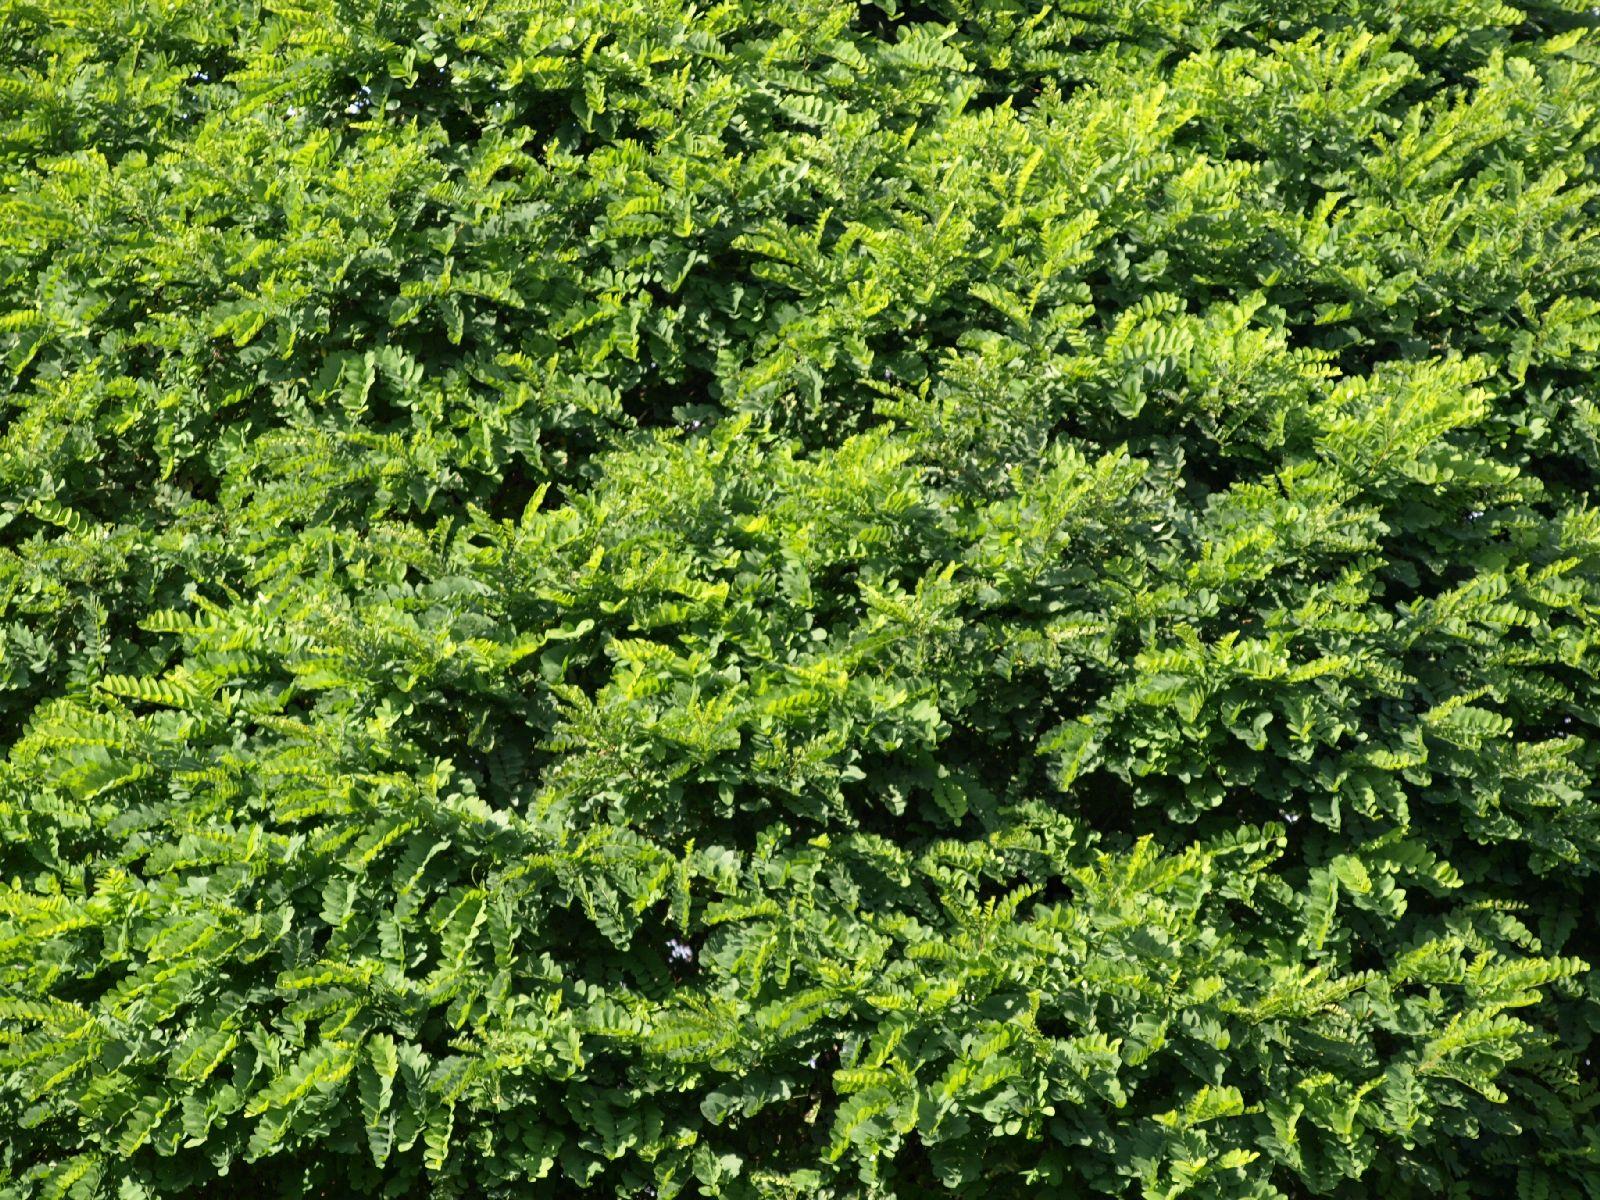 Pflanzen-Hecken-Foto_Textur_B_P9205285